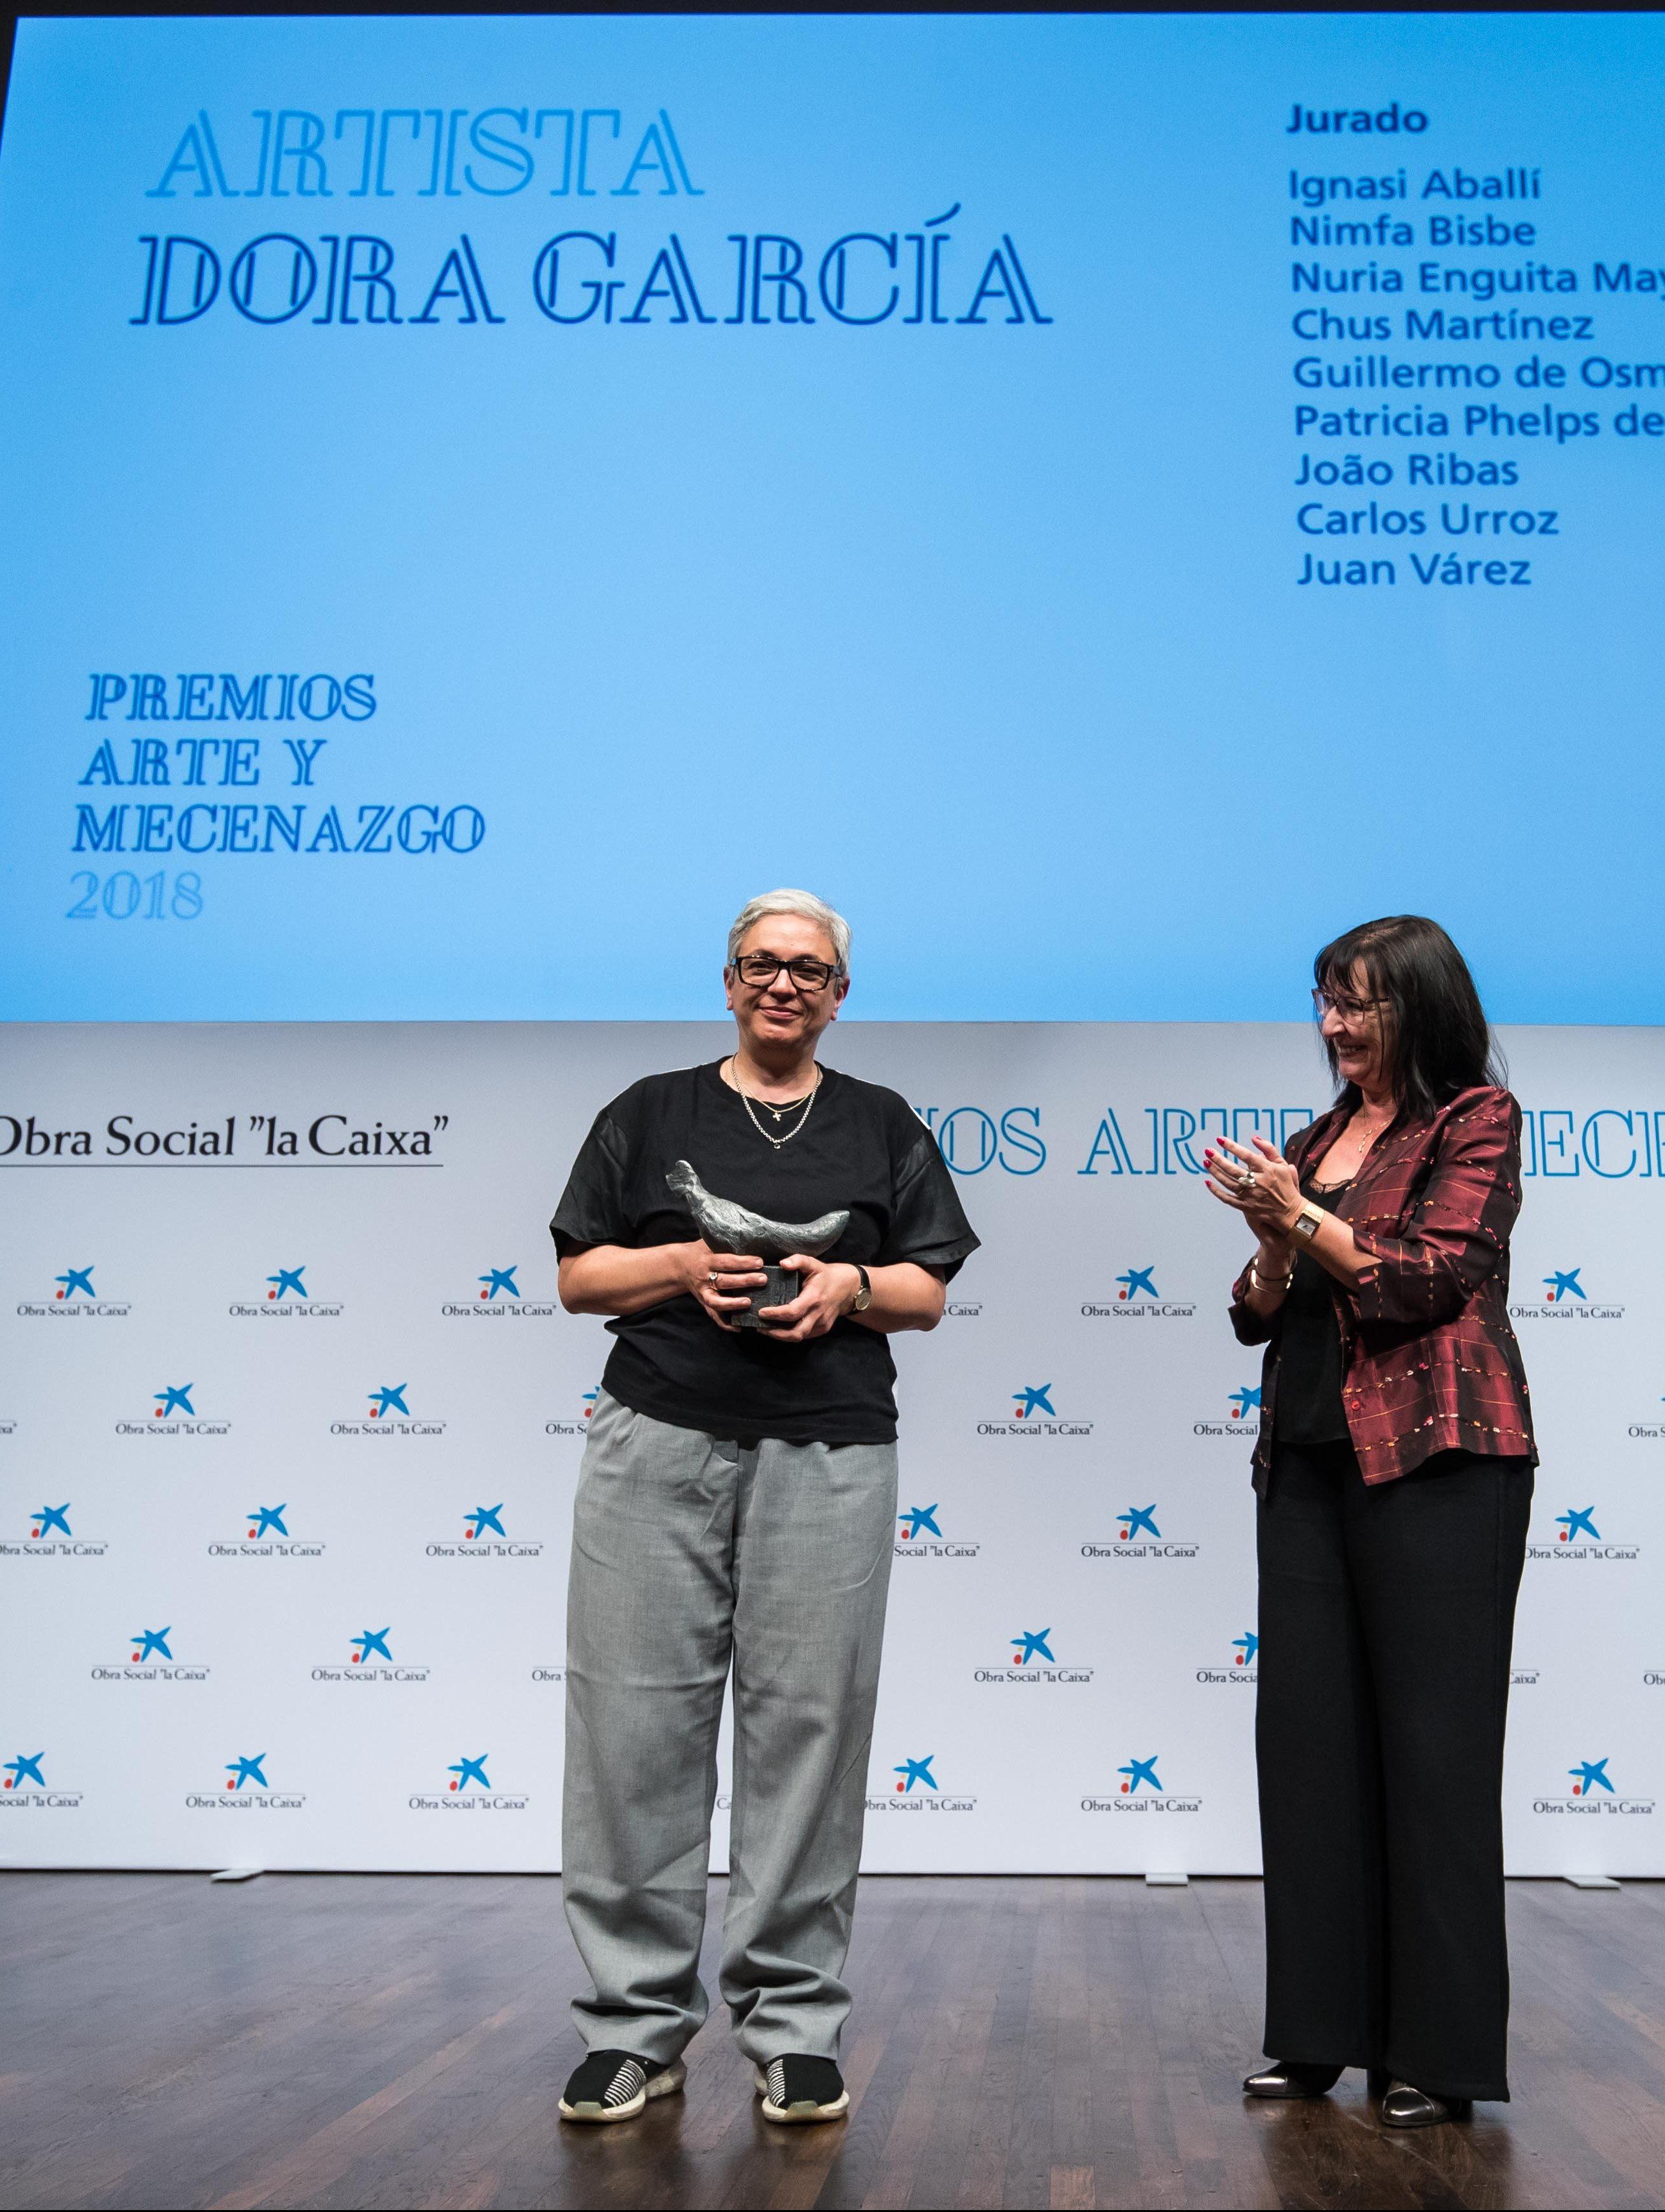 Entrega Premios Arte y Mecenazgo 2018 a Dora García – OS la Caixa